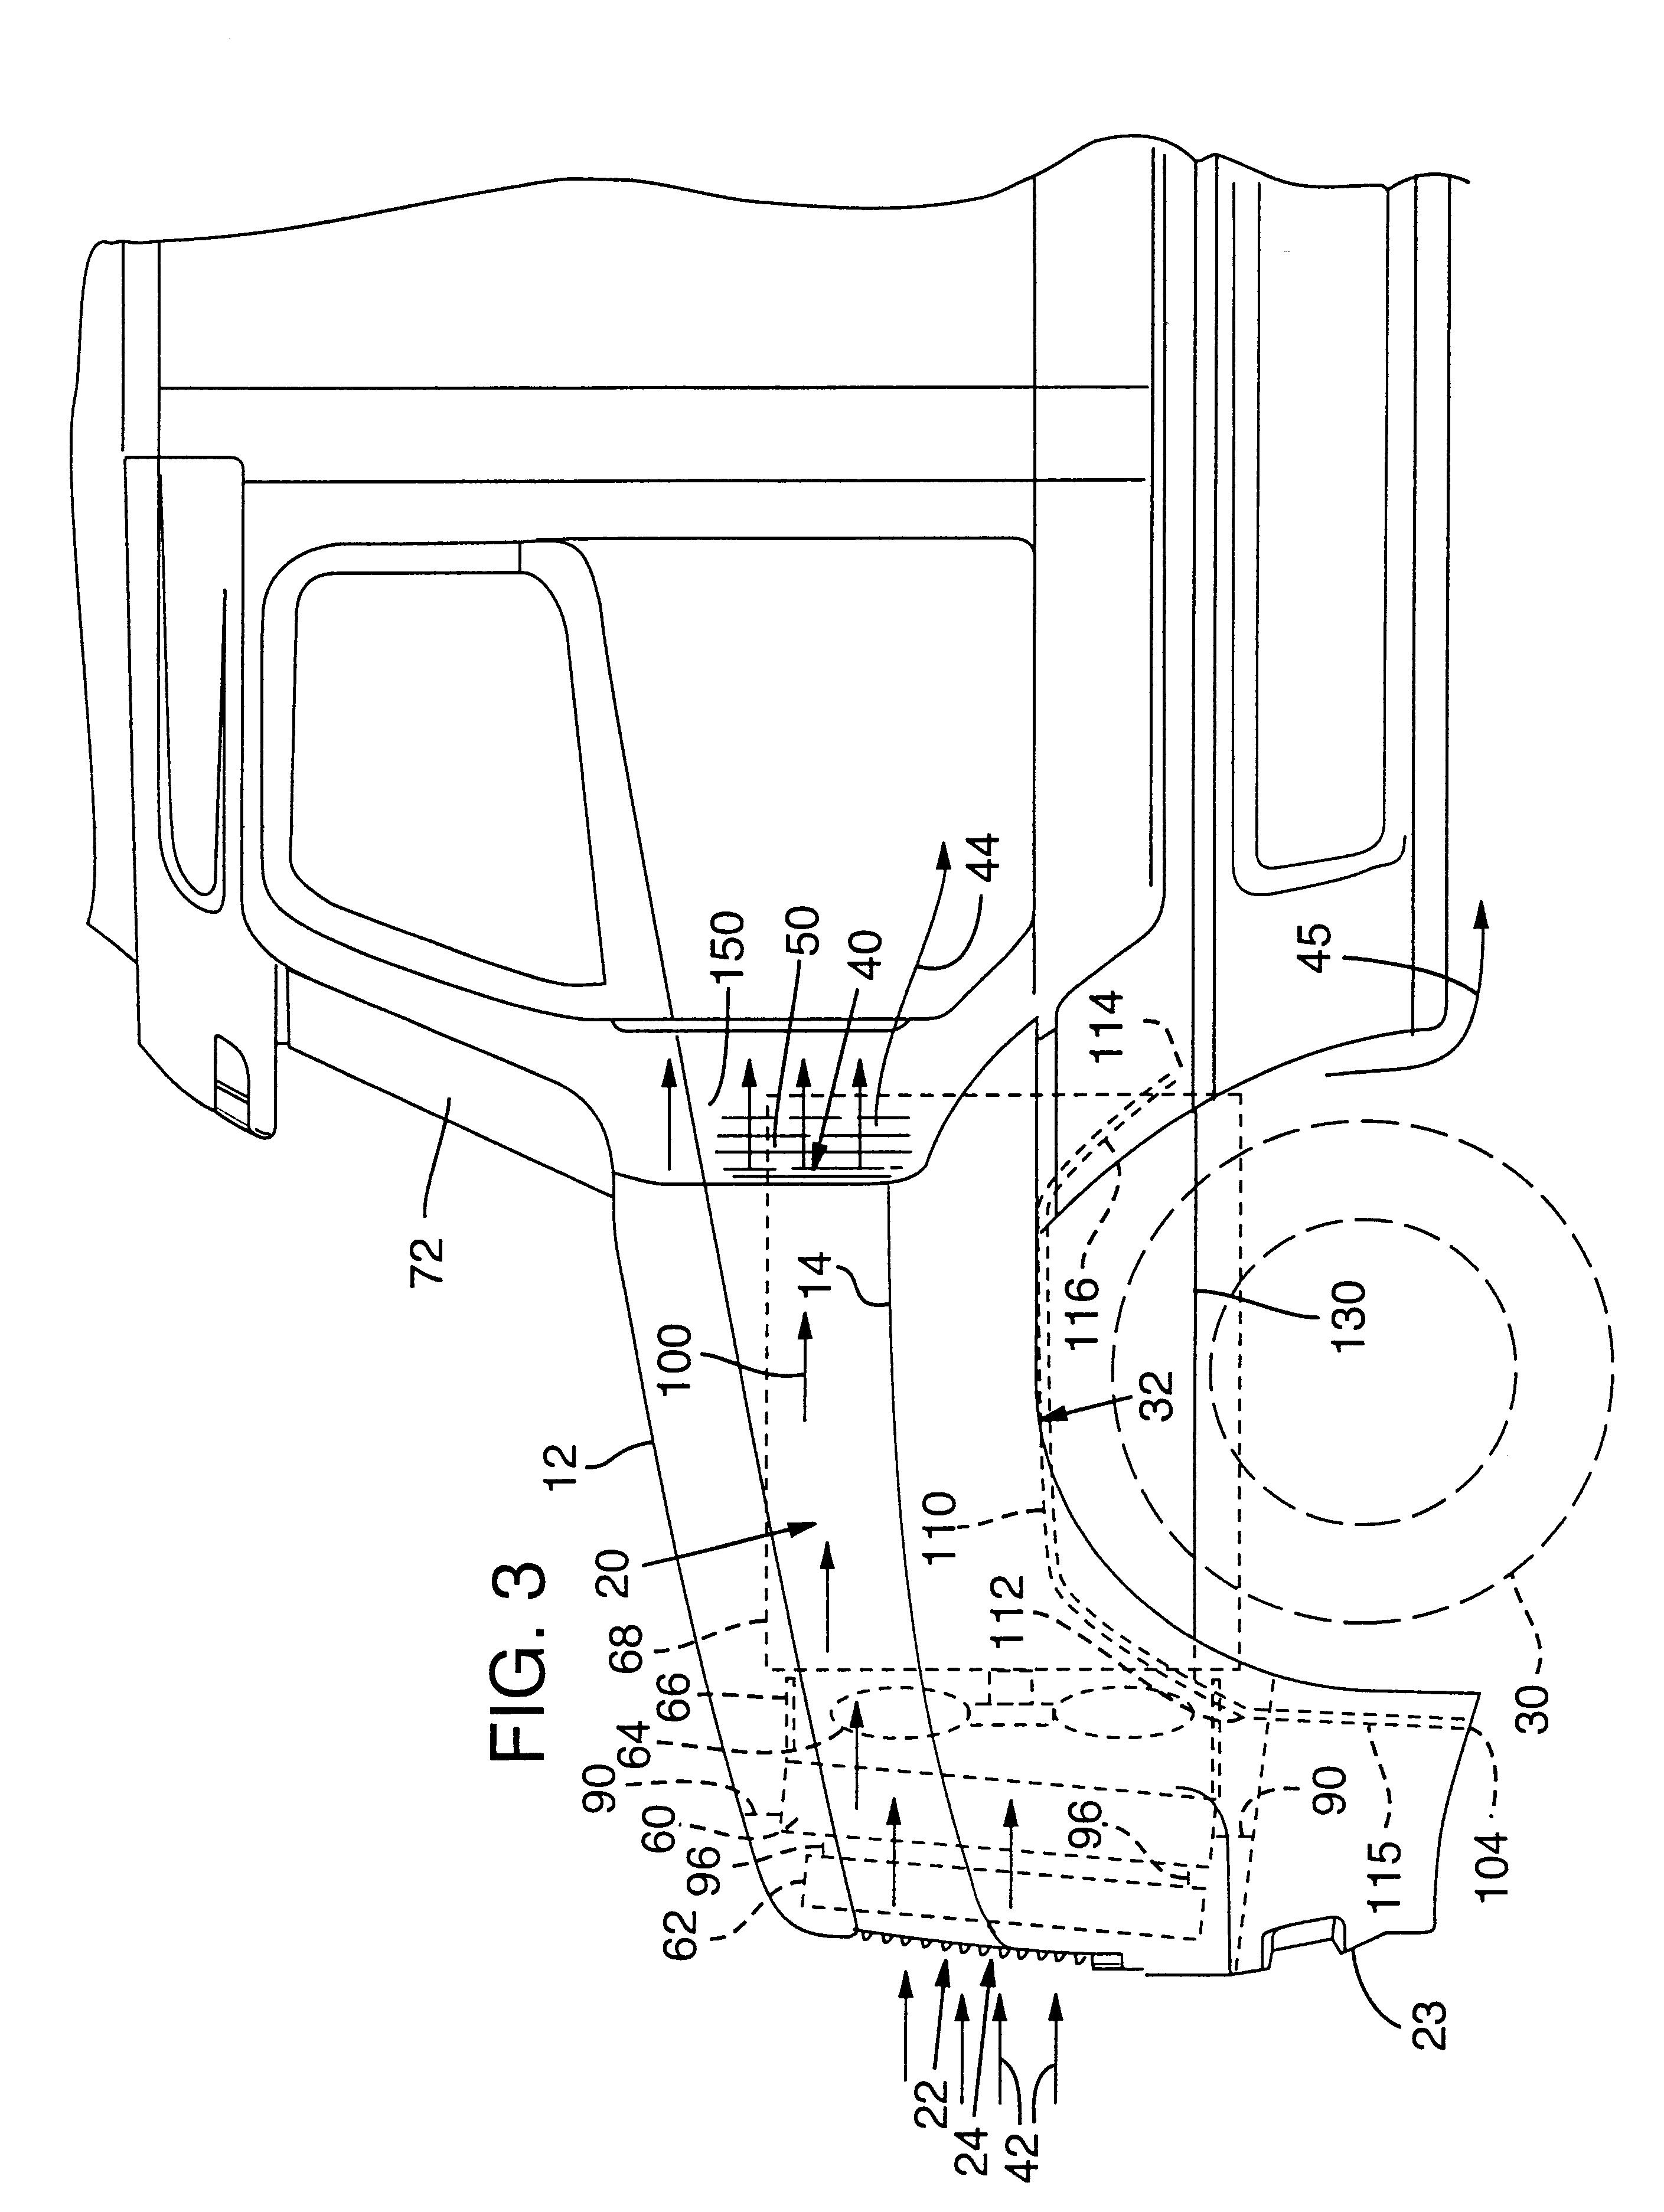 Patent Us6230832